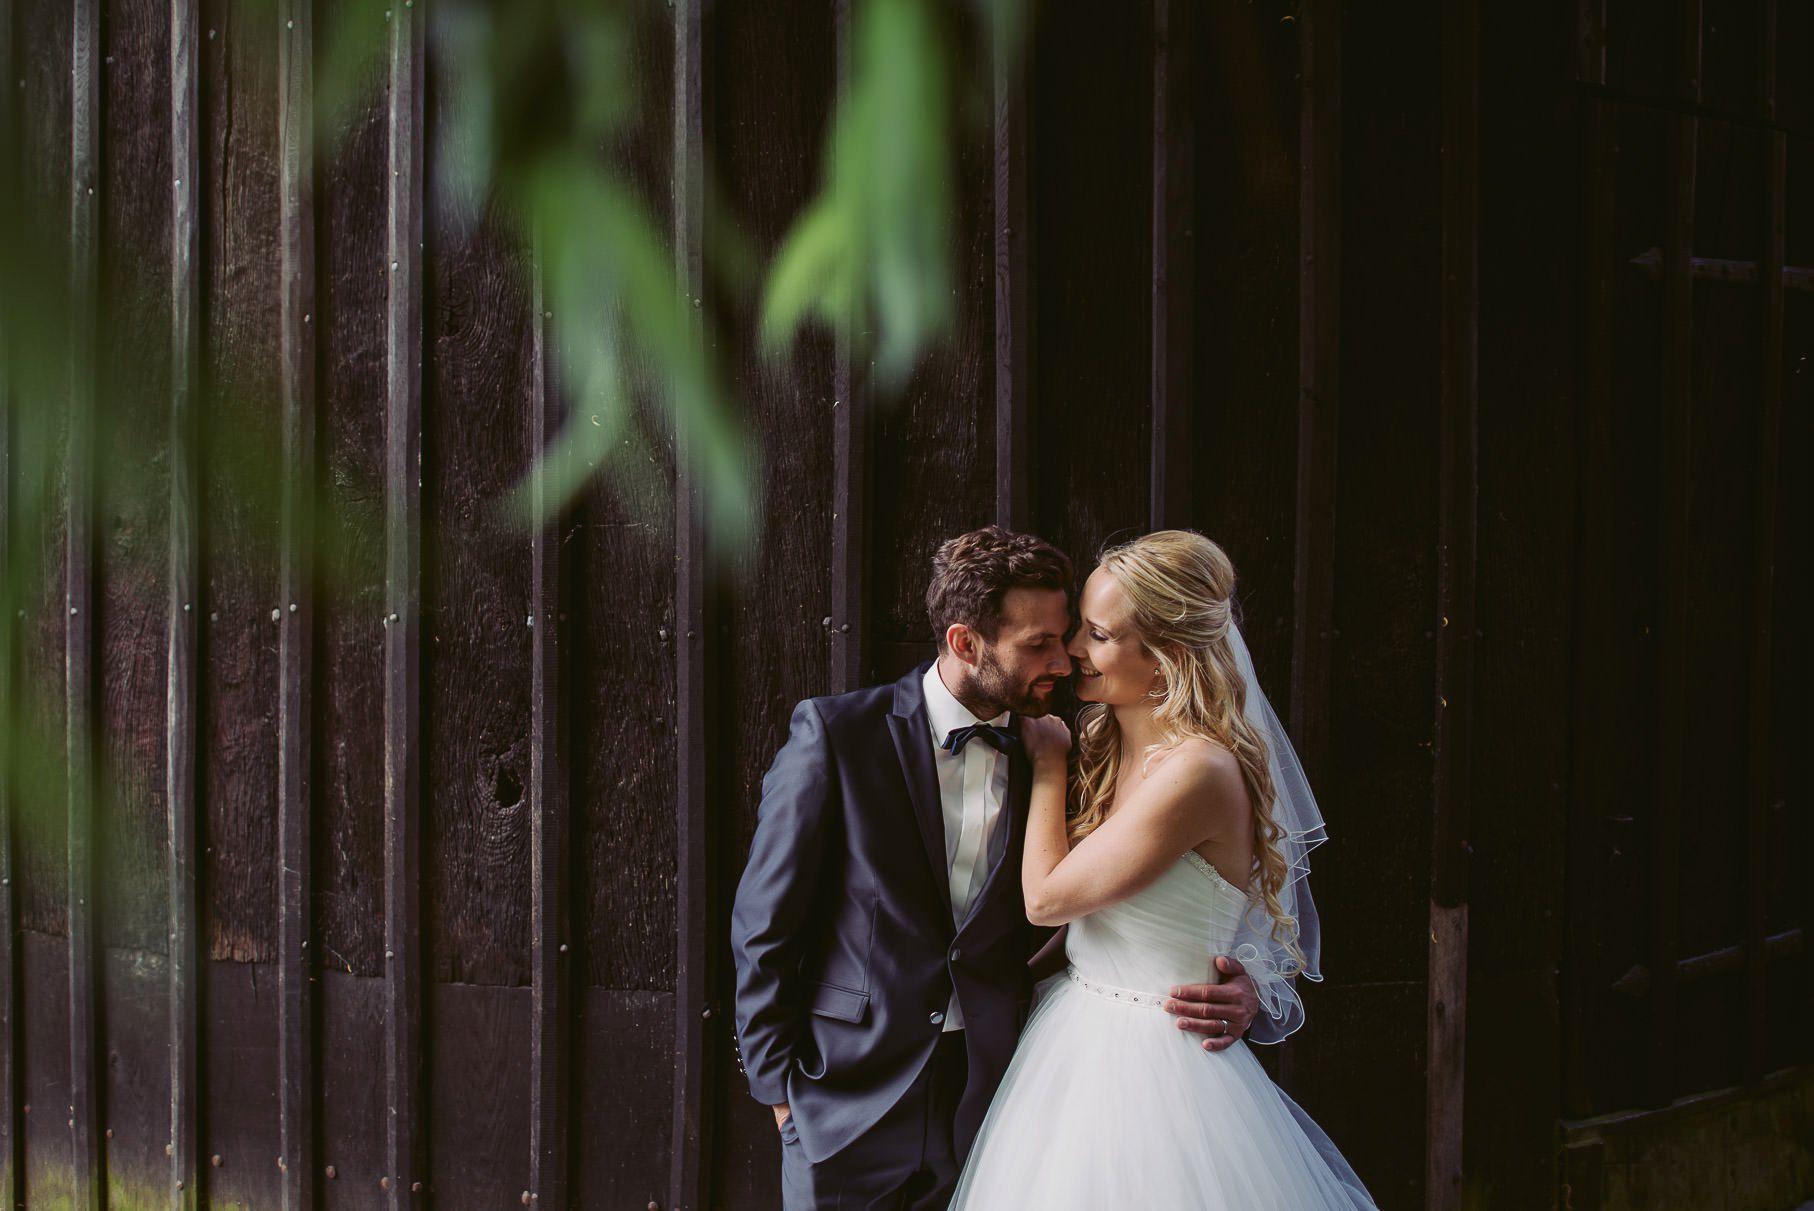 0052 jus 812 9527 - Hochzeit im Wasserturm Lüneburg - Jenny & Sascha